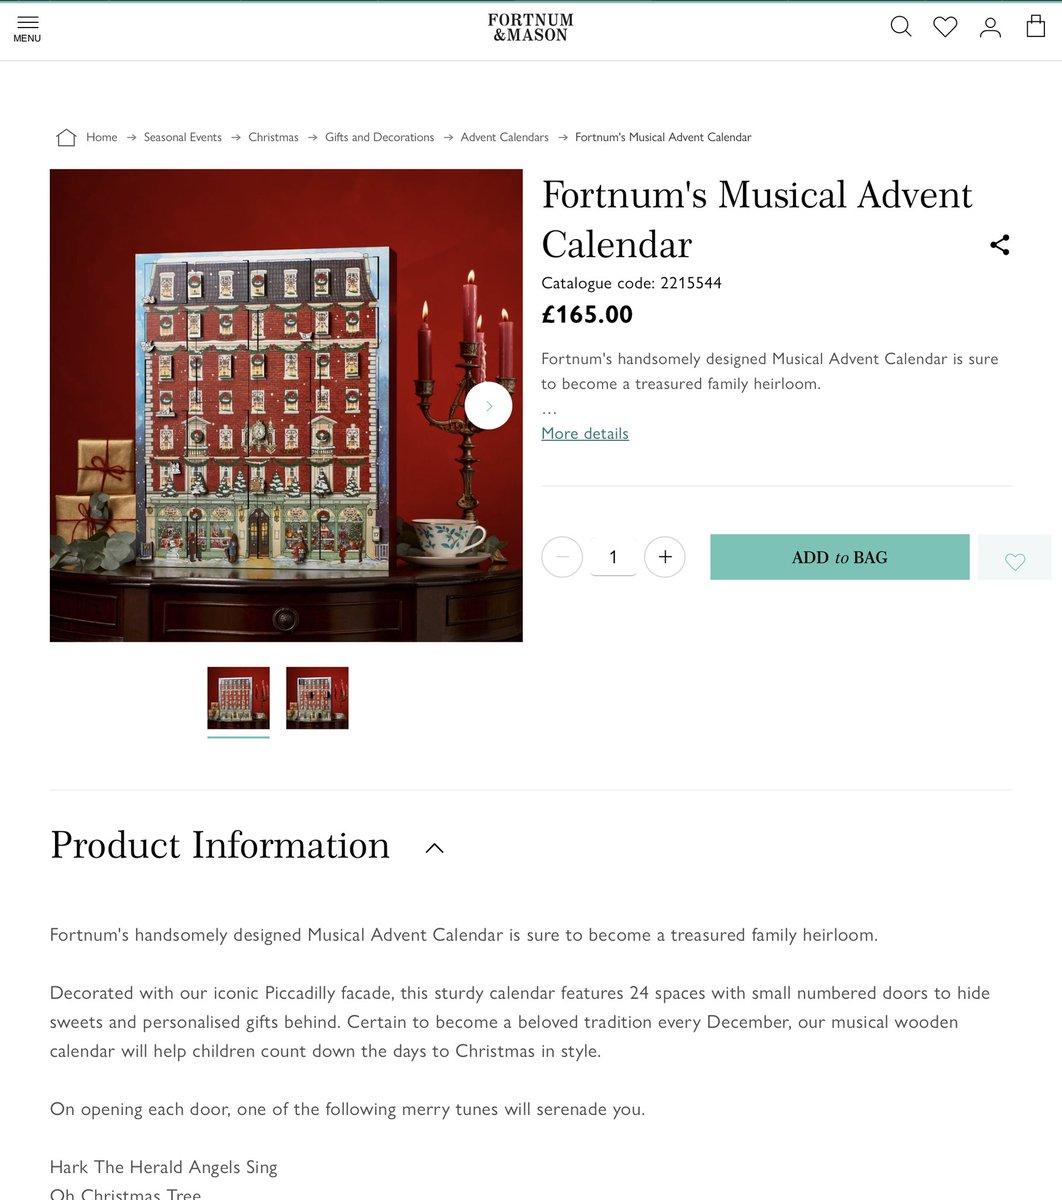 フォートナム&メイソンのアドベントカレンダーに至っては、もう可愛いと思ったらお値段が😱音楽が鳴るそうです。